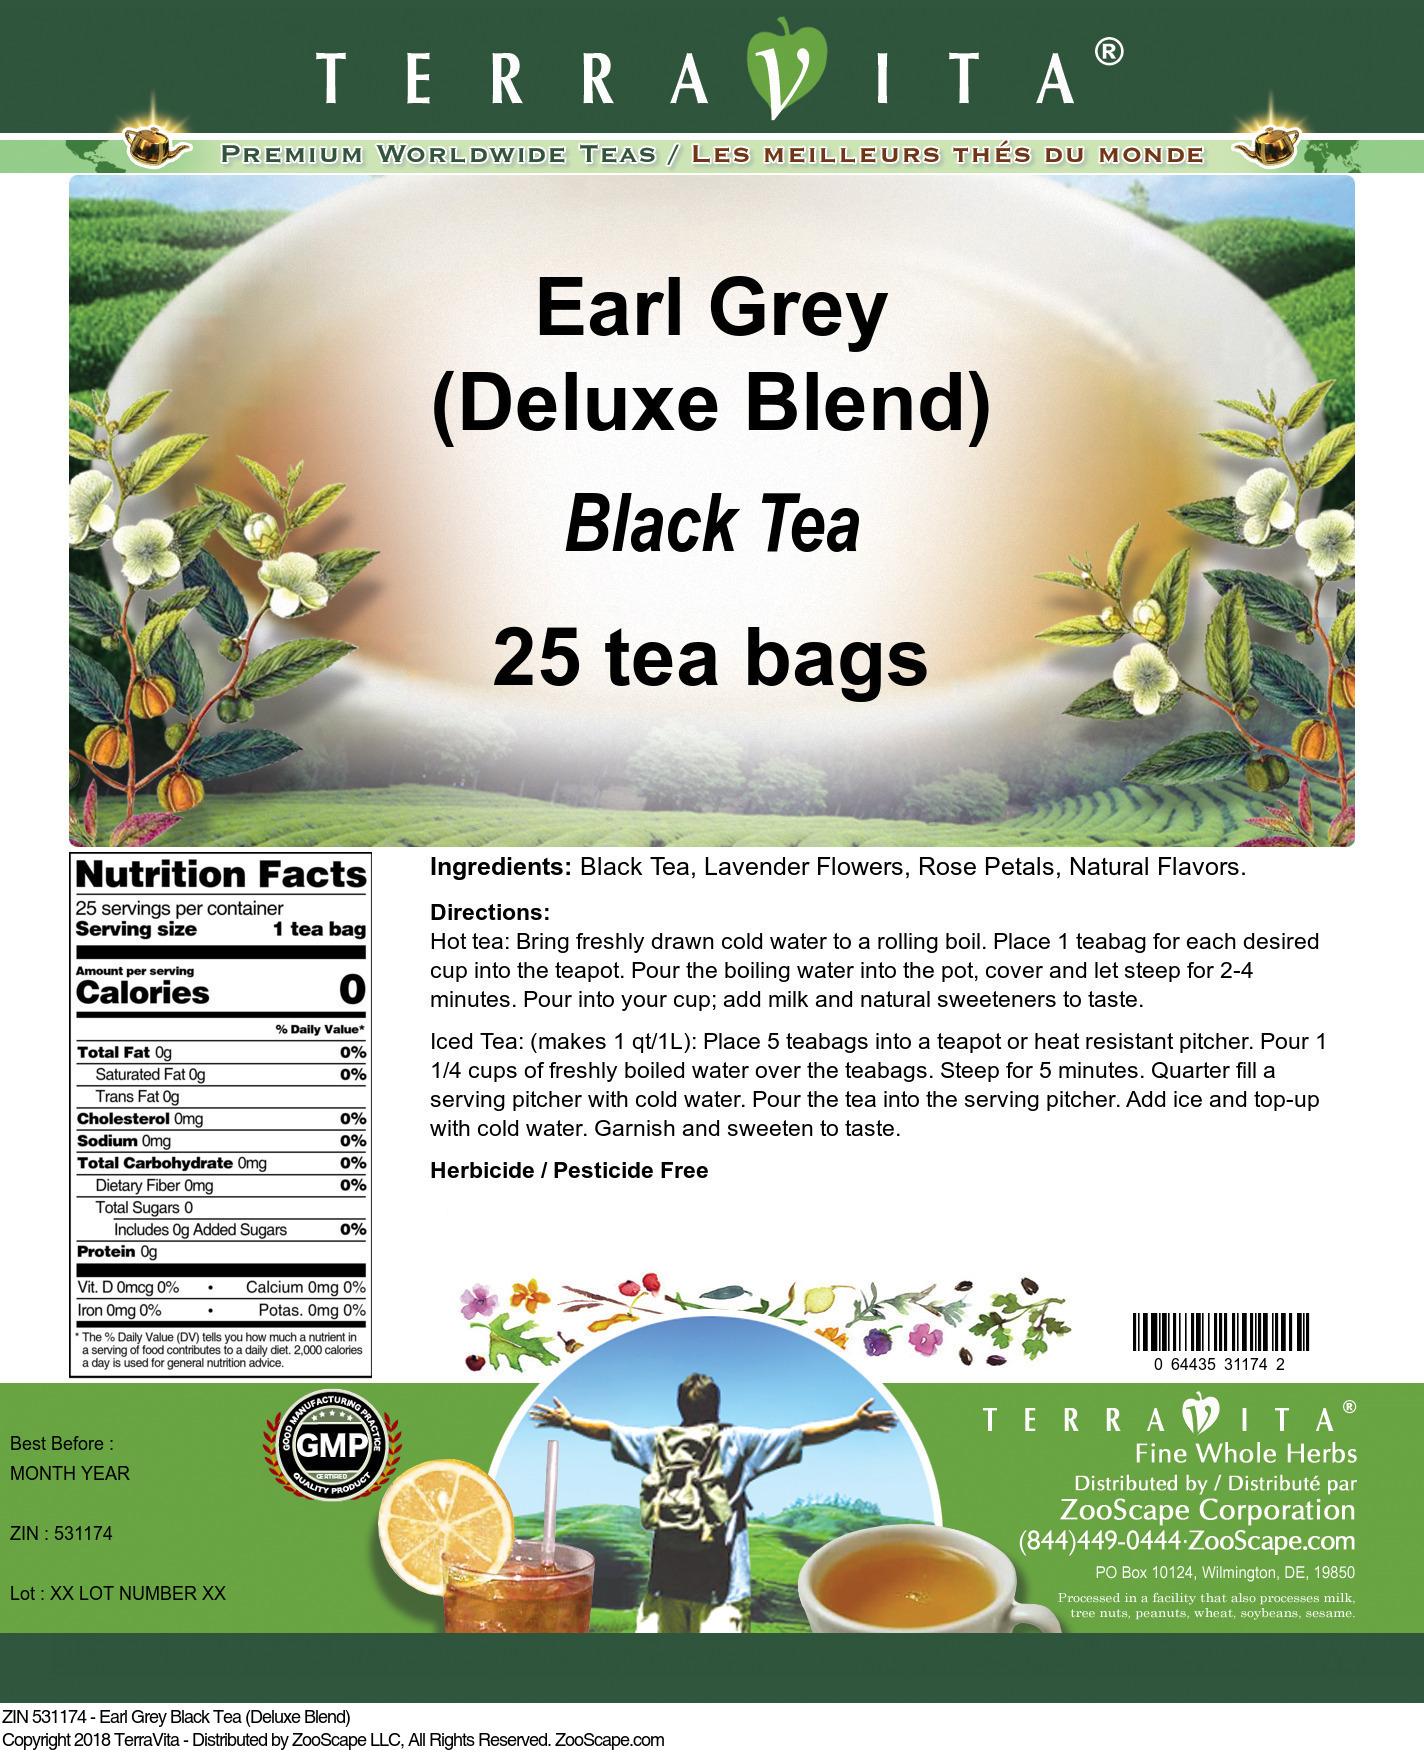 Earl Grey Black Tea (Deluxe Blend)